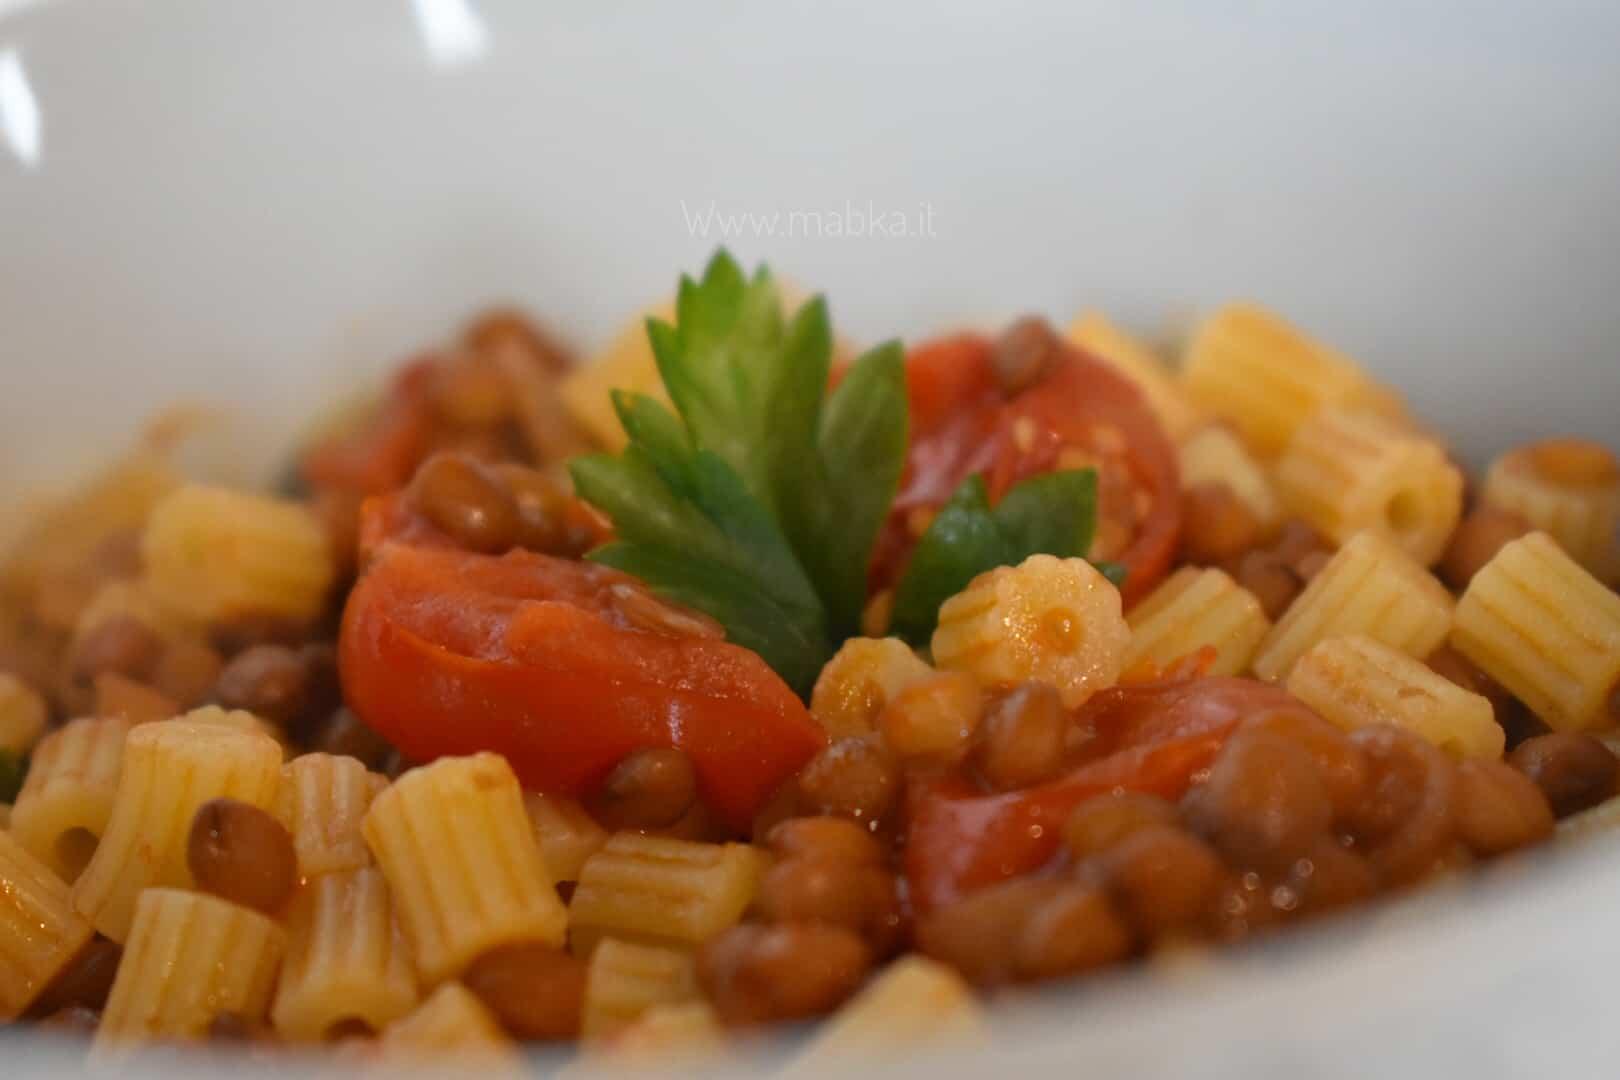 Zuppa di lenticchie al coriandolo